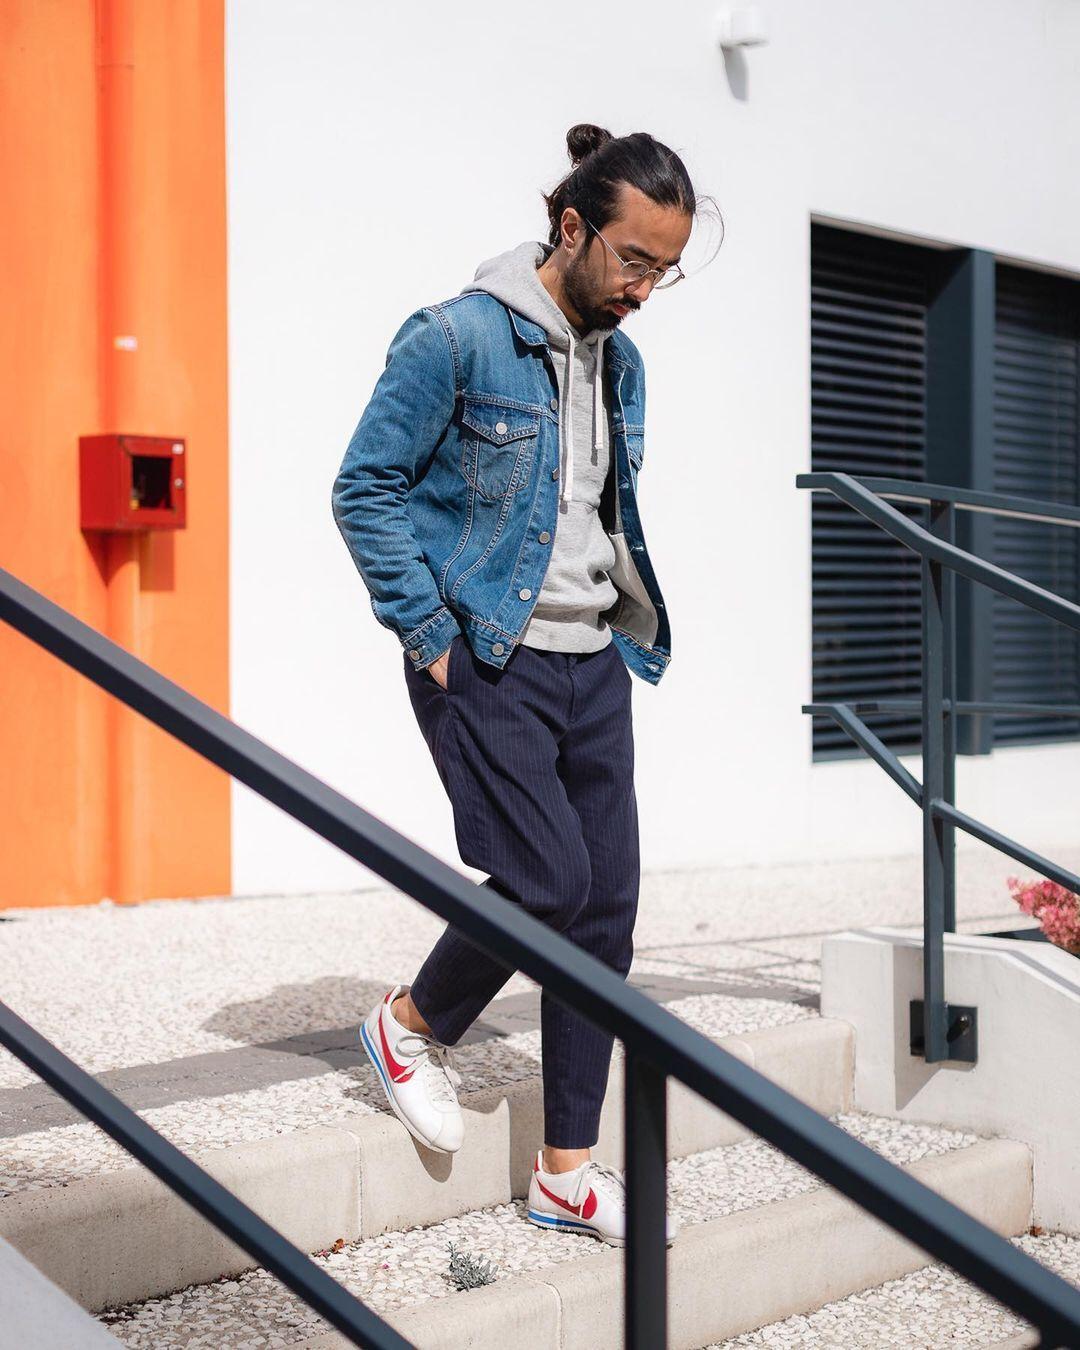 Tim Dessaint On Instagram One Of My Go To Ways To Wear A Denim Jacket Is The Classic Hoodie Deni Denim Jacket Minimalist Fashion Men Denim Jacket With Hoodie [ 1350 x 1080 Pixel ]